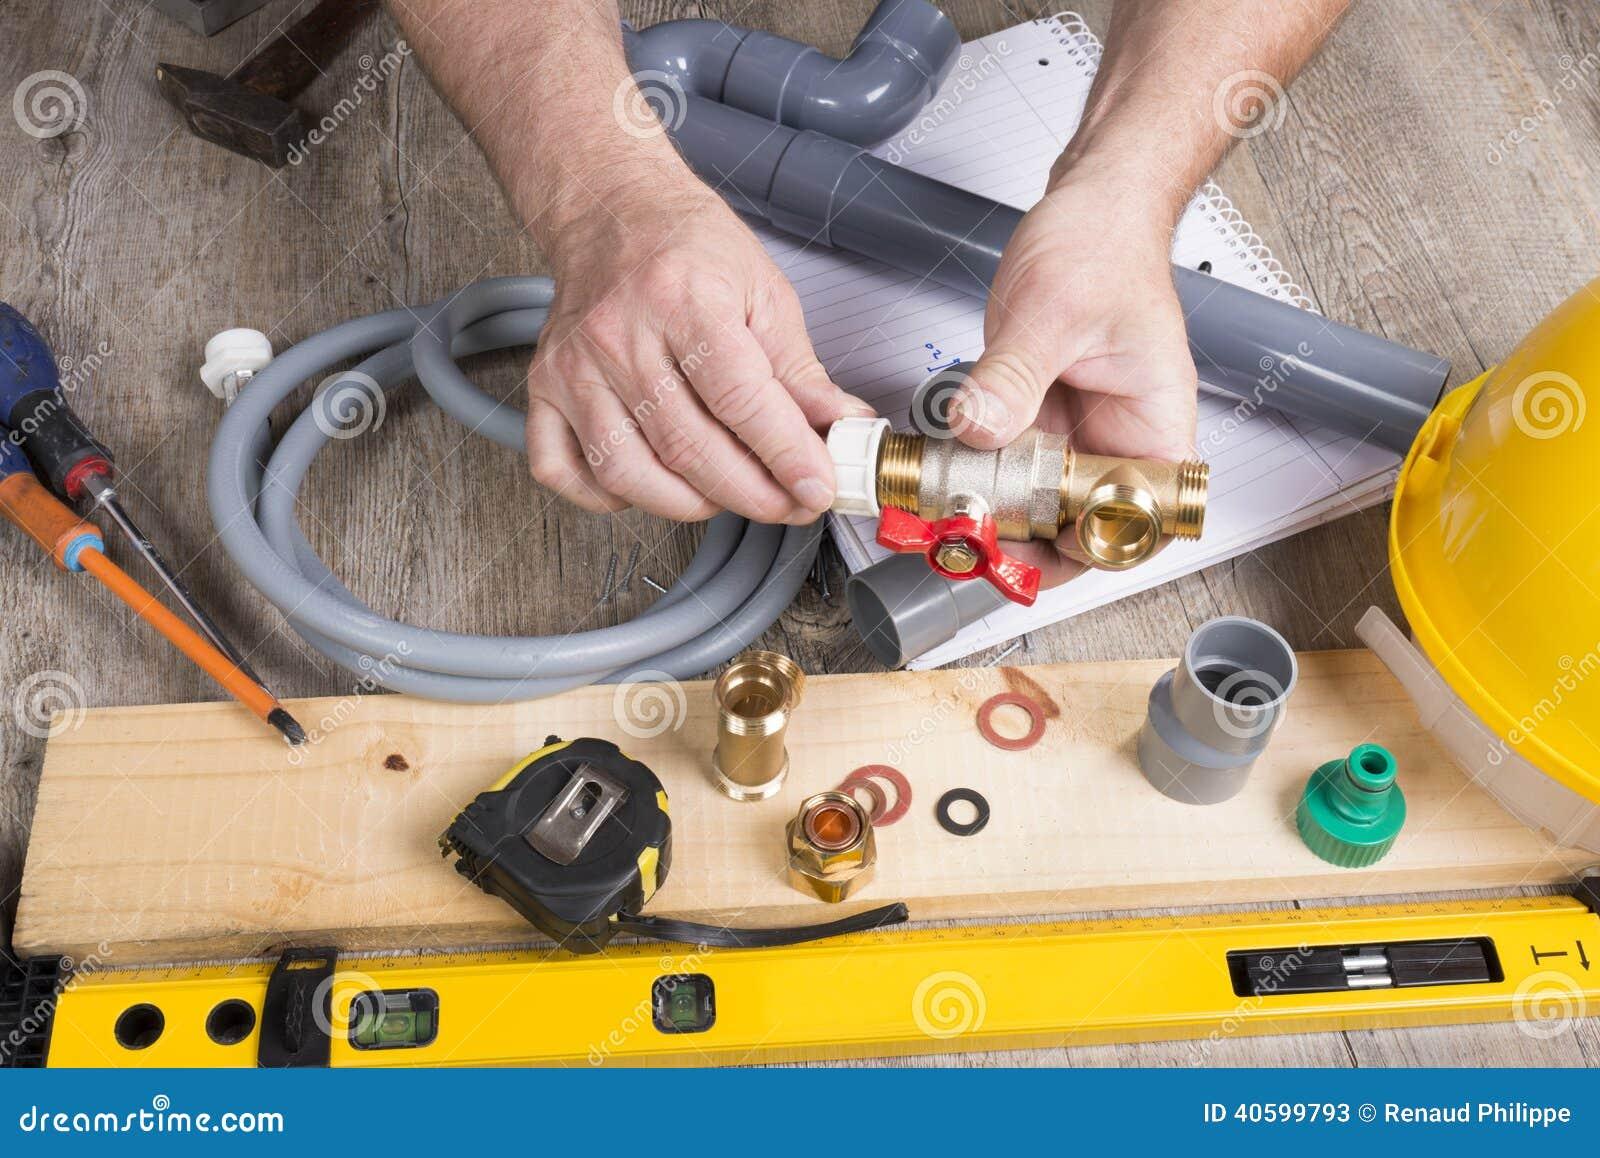 Fai-da-te Dellimpianto Idraulico Con Differenti Strumenti ...